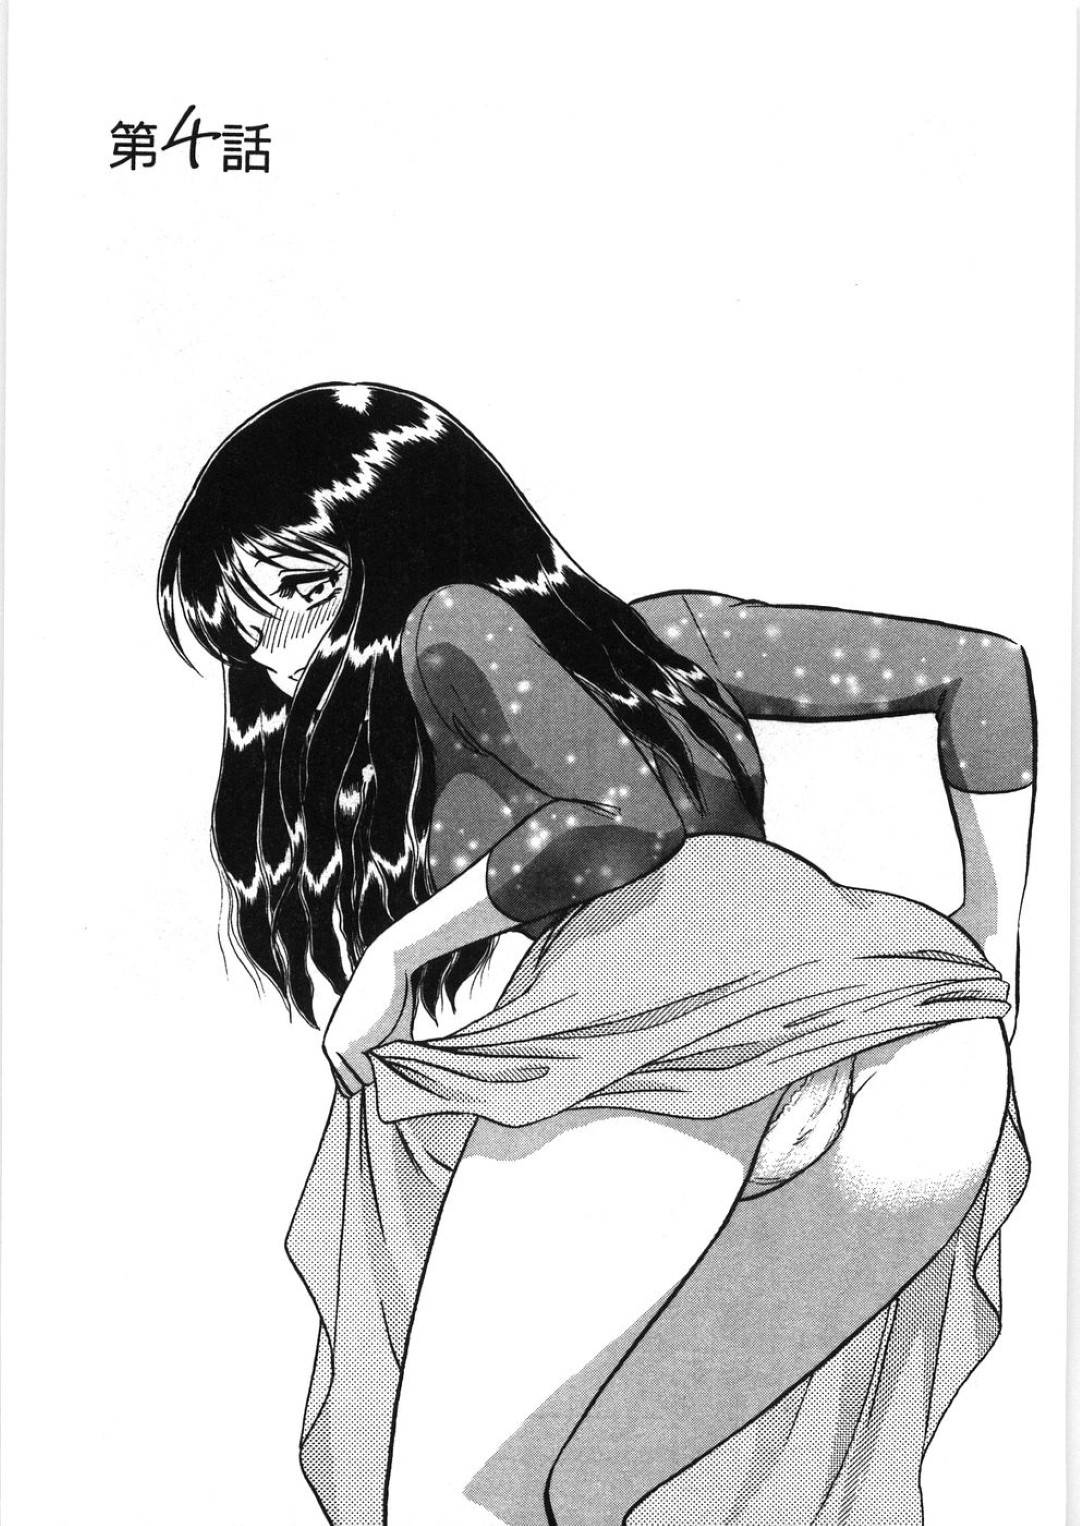 4話 【エロ漫画】久しぶりに会ってラブホテルでセックスする彼氏と彼女…絶頂寸前で窓から謎の物体が勢い良く入り込み彼女の首を飛ばす!【毛野楊太郎:イキたい夕貴ちゃん 第4話】